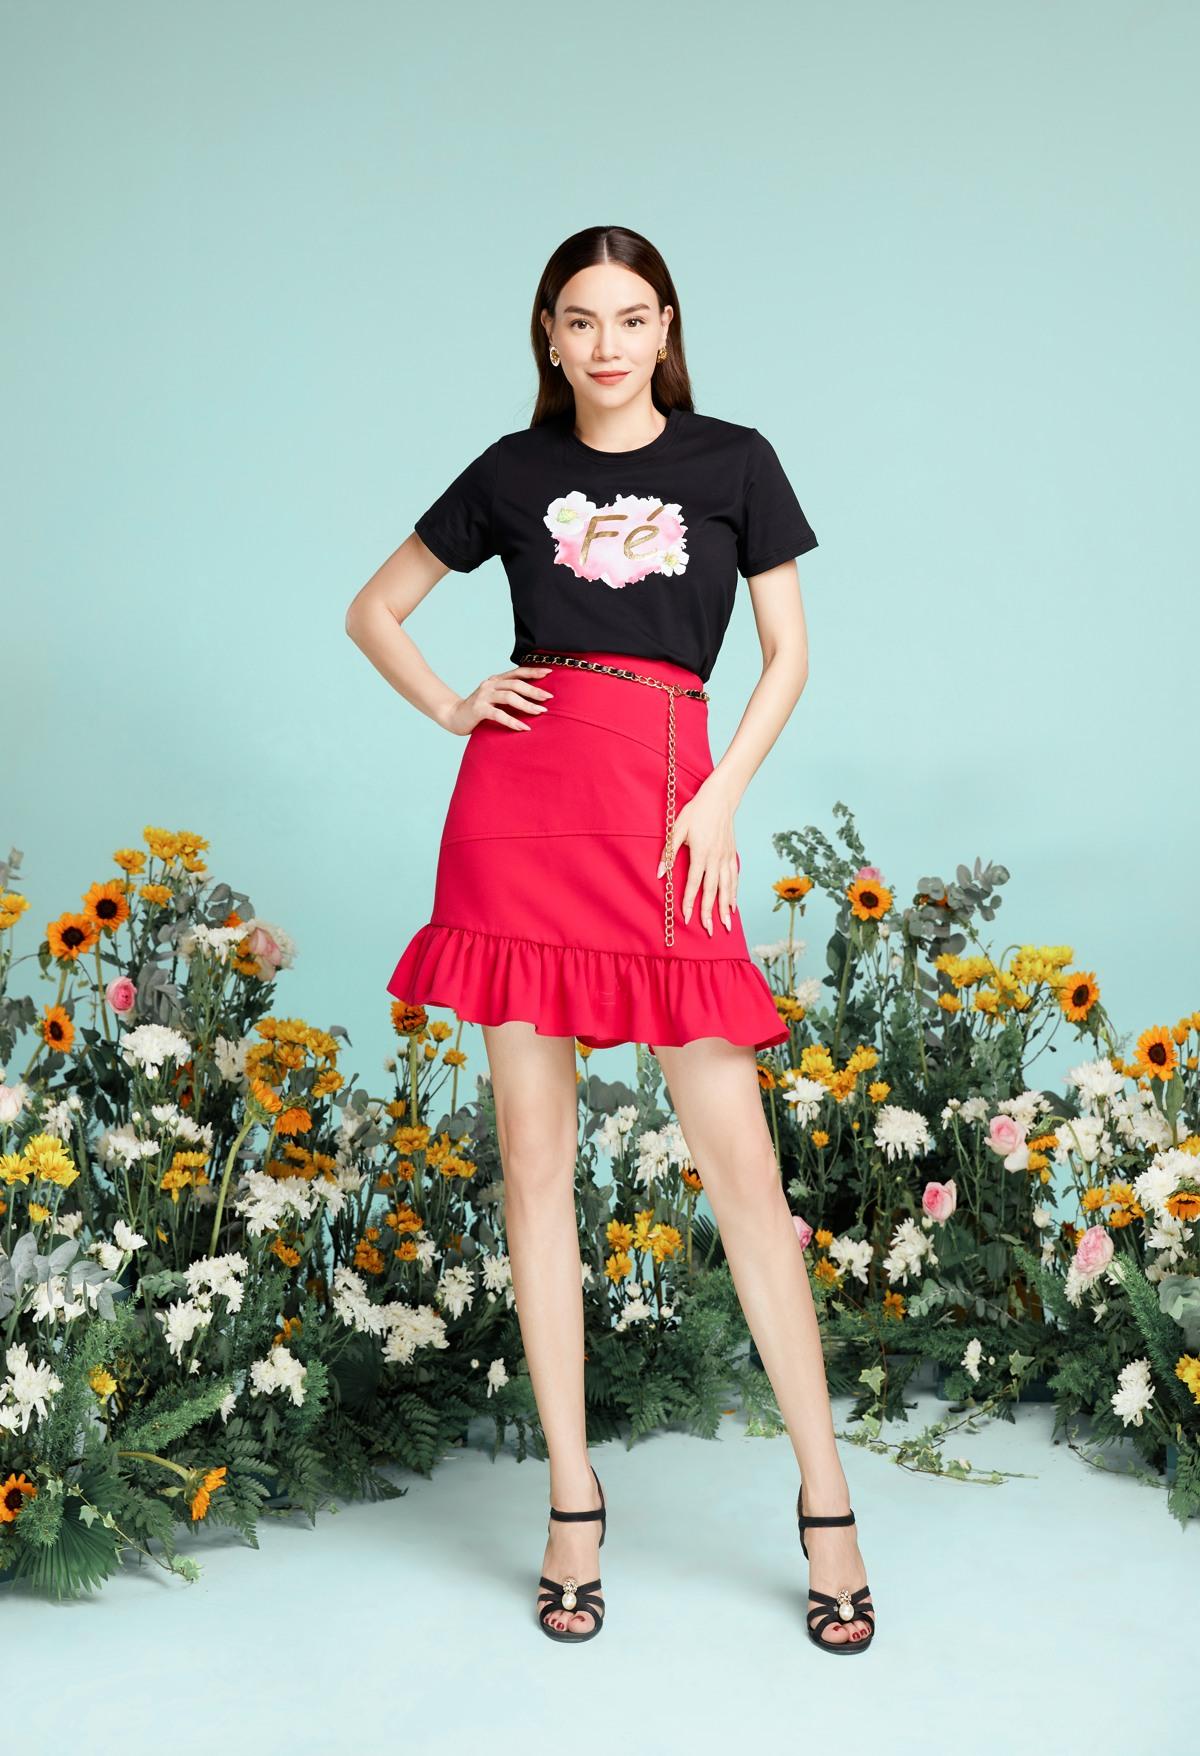 NEVA2481 Hồ Ngọc Hà xuất hiện lung linh trong BST mới của NEVA Fashion